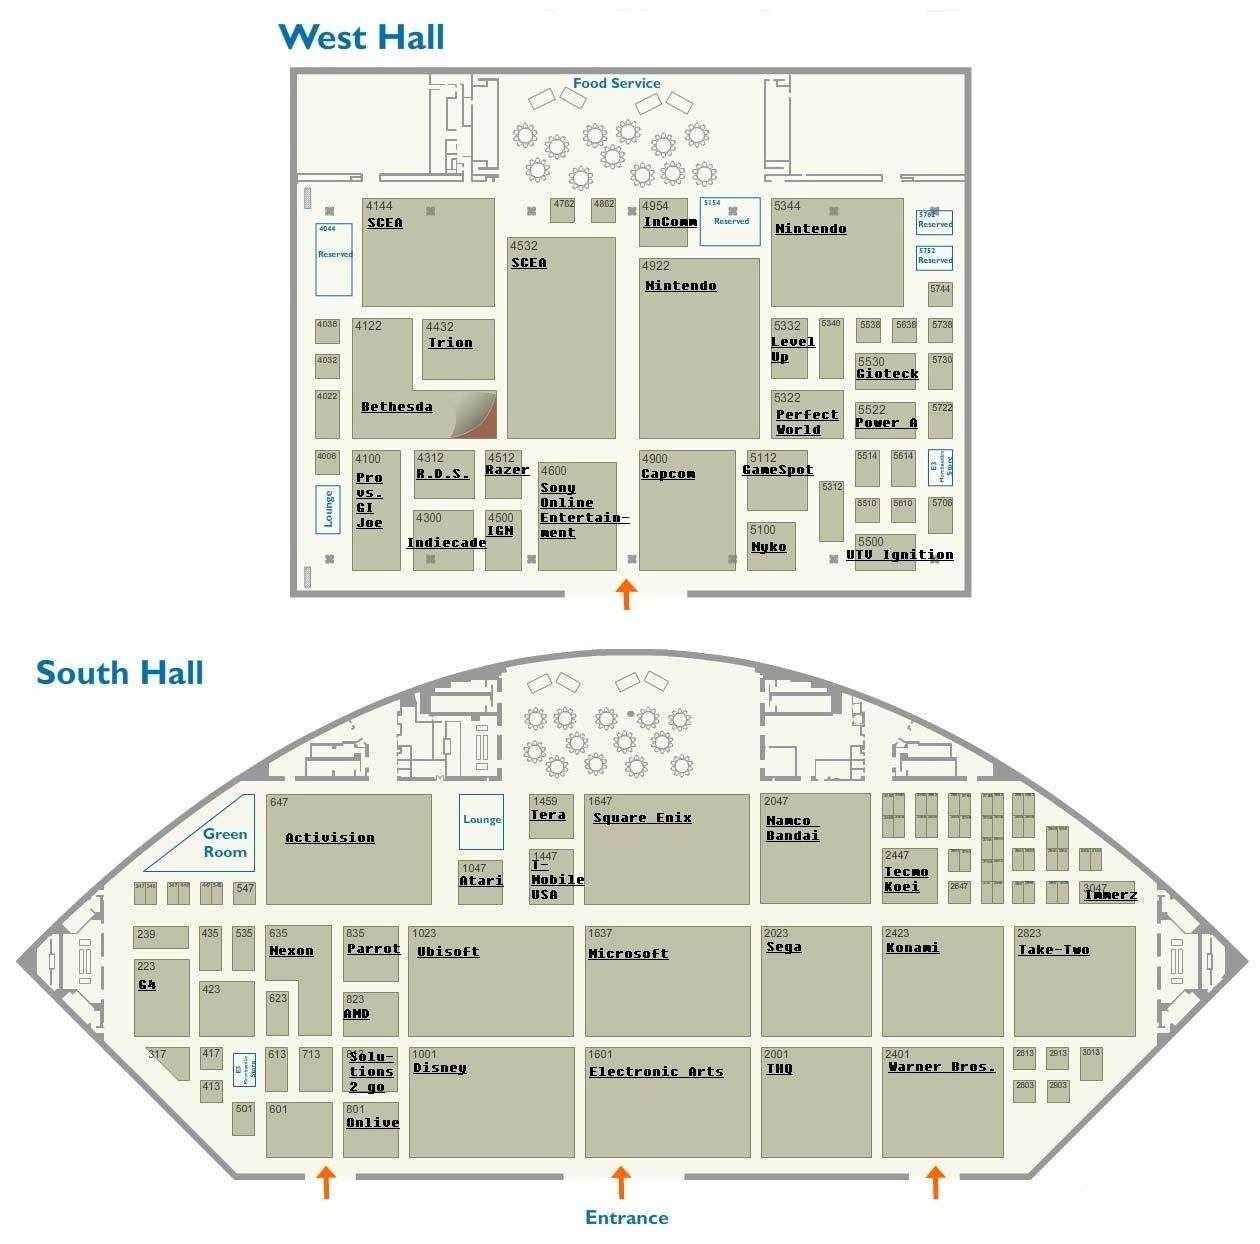 O que vocês esperam da grandes empresas na E3 2012 126ee4c583b84126c14af776dc8aa9ea